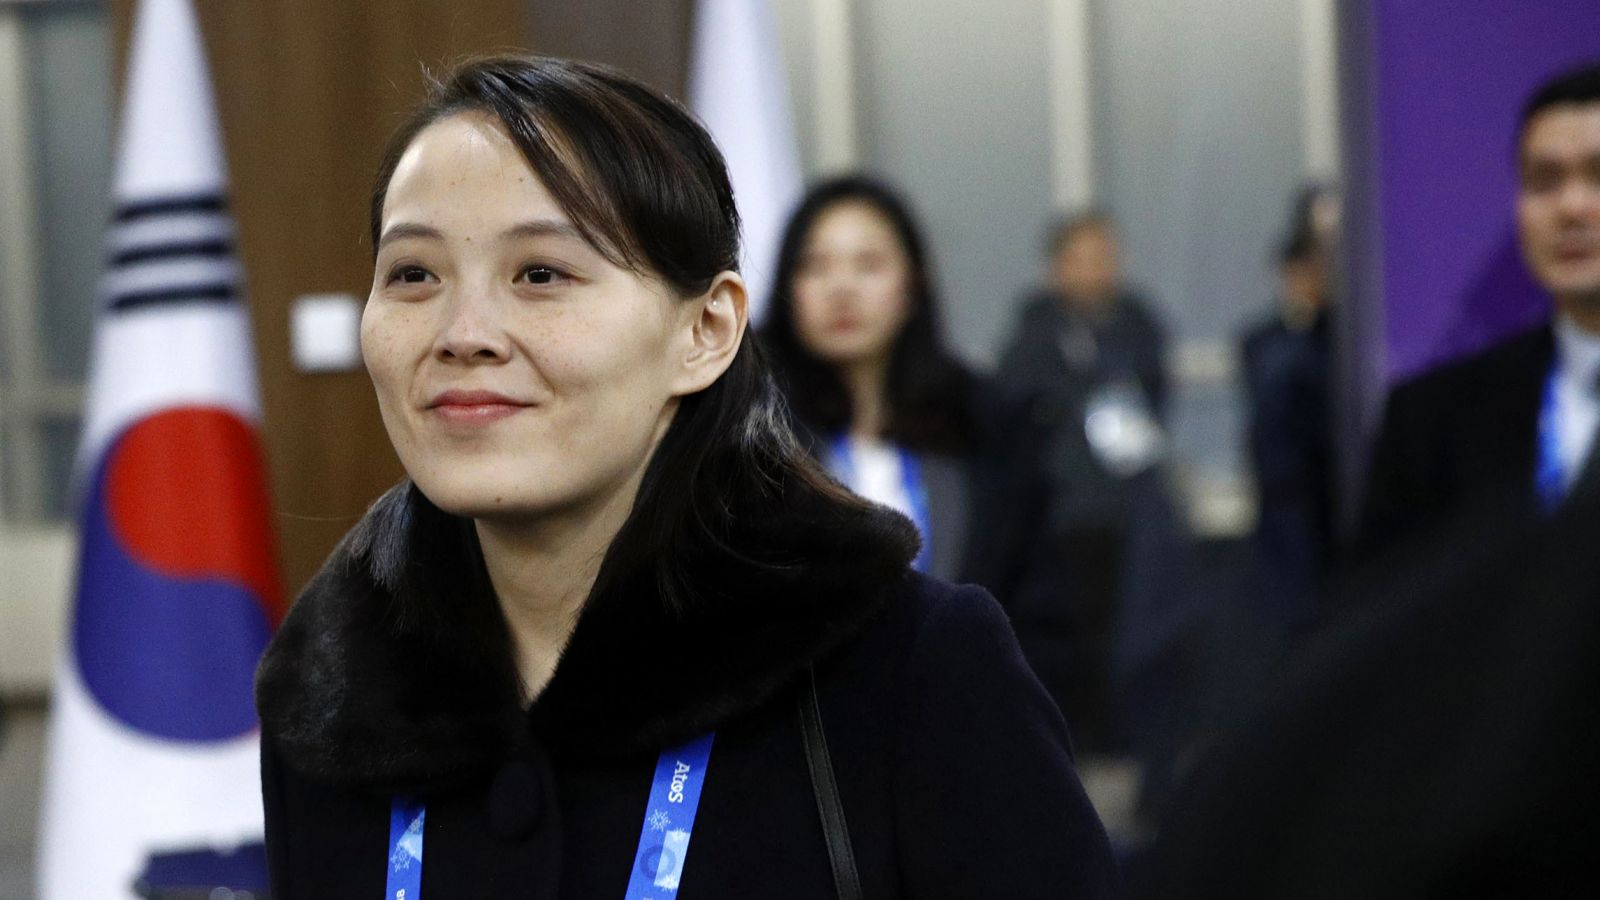 Κιμ Γιο Γιονγκ: Ποια είναι η αδελφή του Κιμ και πιθανή ηγέτης της Βόρειας Κορέας [vid &pics]